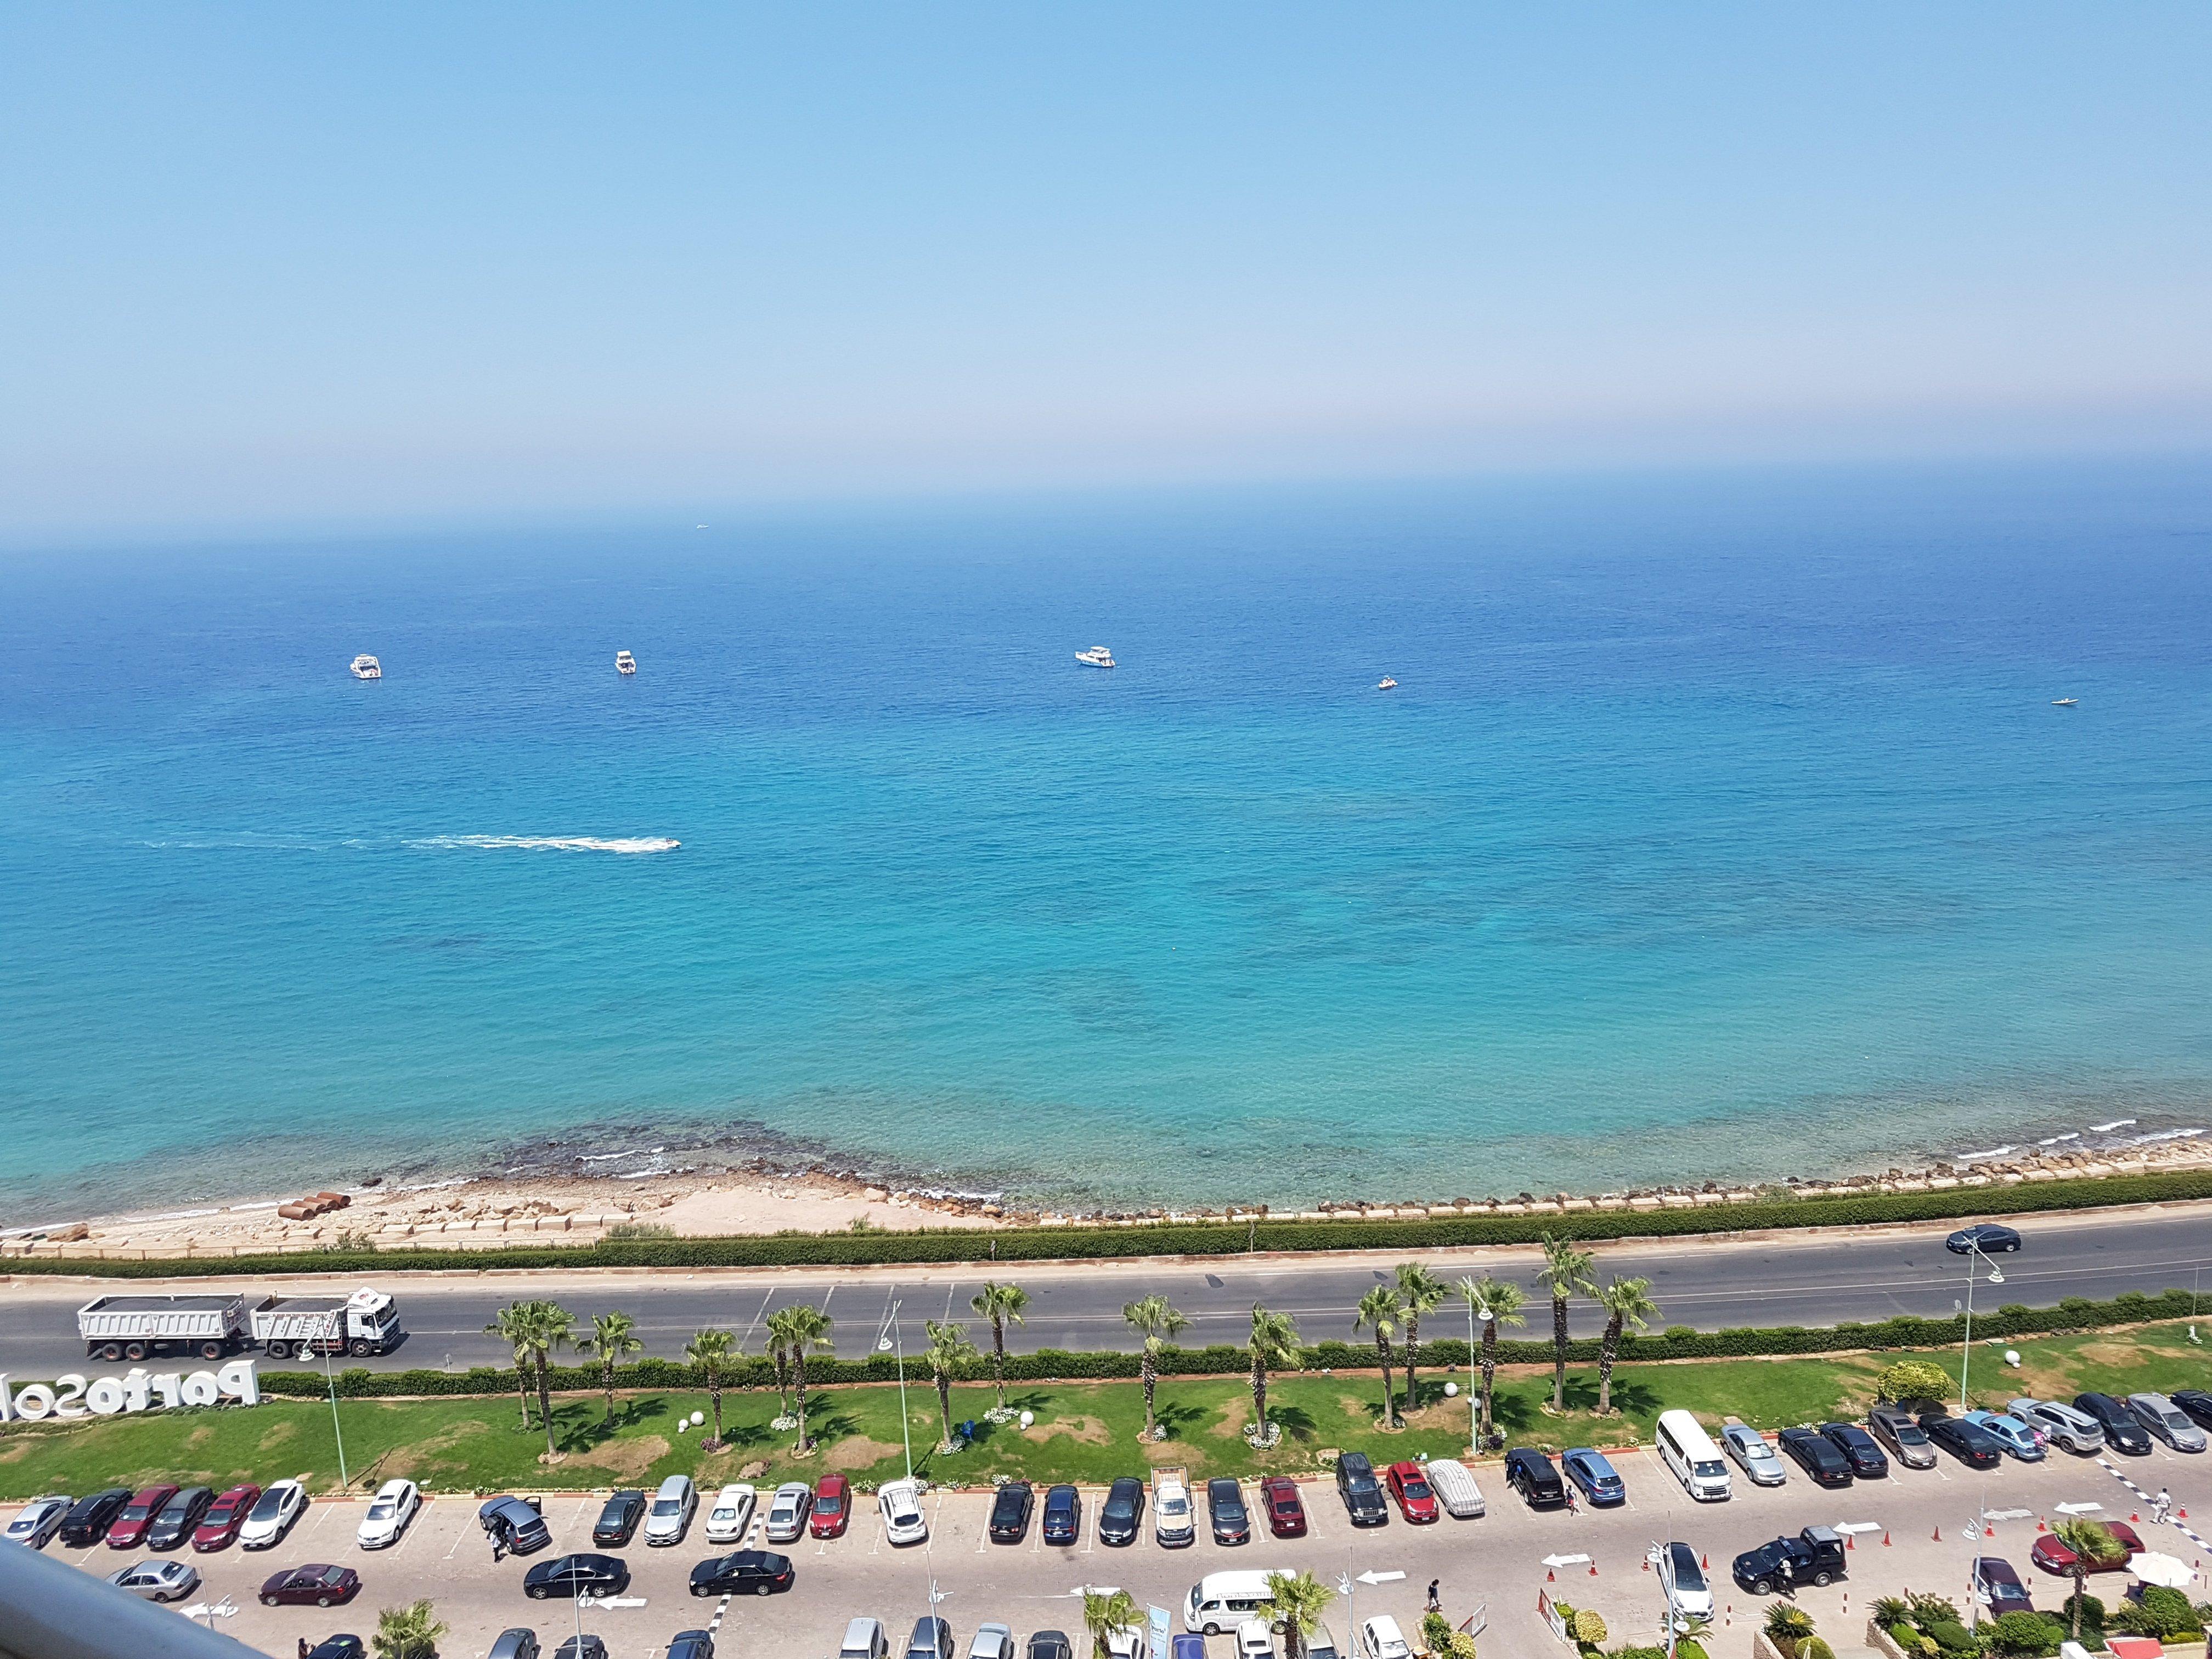 منظر البحر فى بورتو سخنة